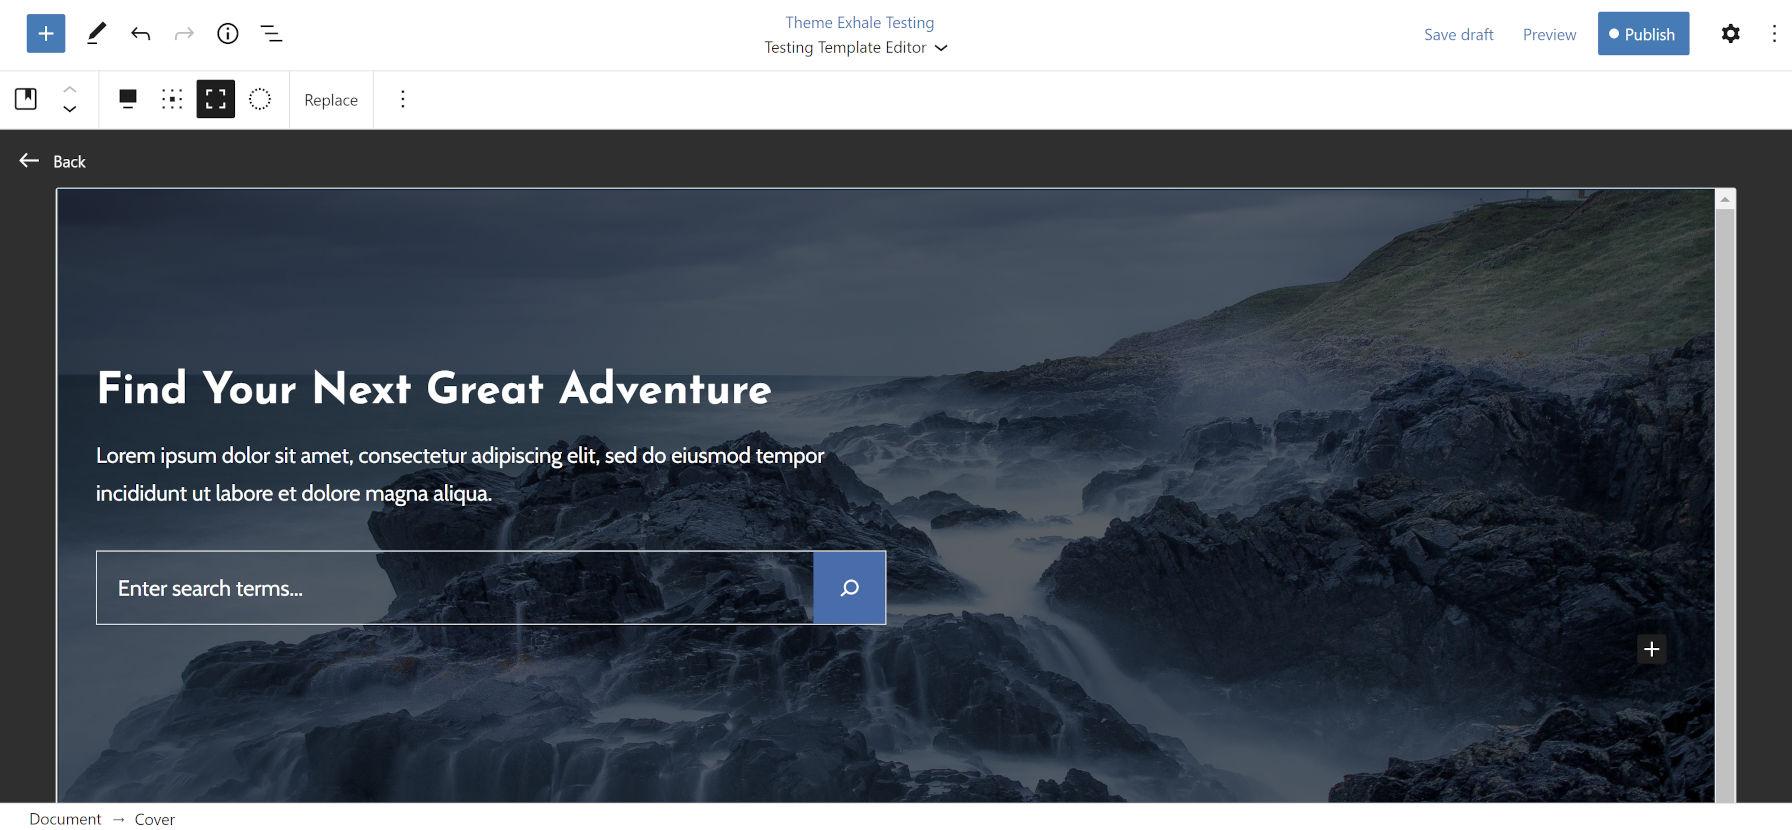 Création d'un modèle de page de destination personnalisé avec un formulaire de recherche dans l'en-tête avec l'éditeur de modèles WordPress 5.8.